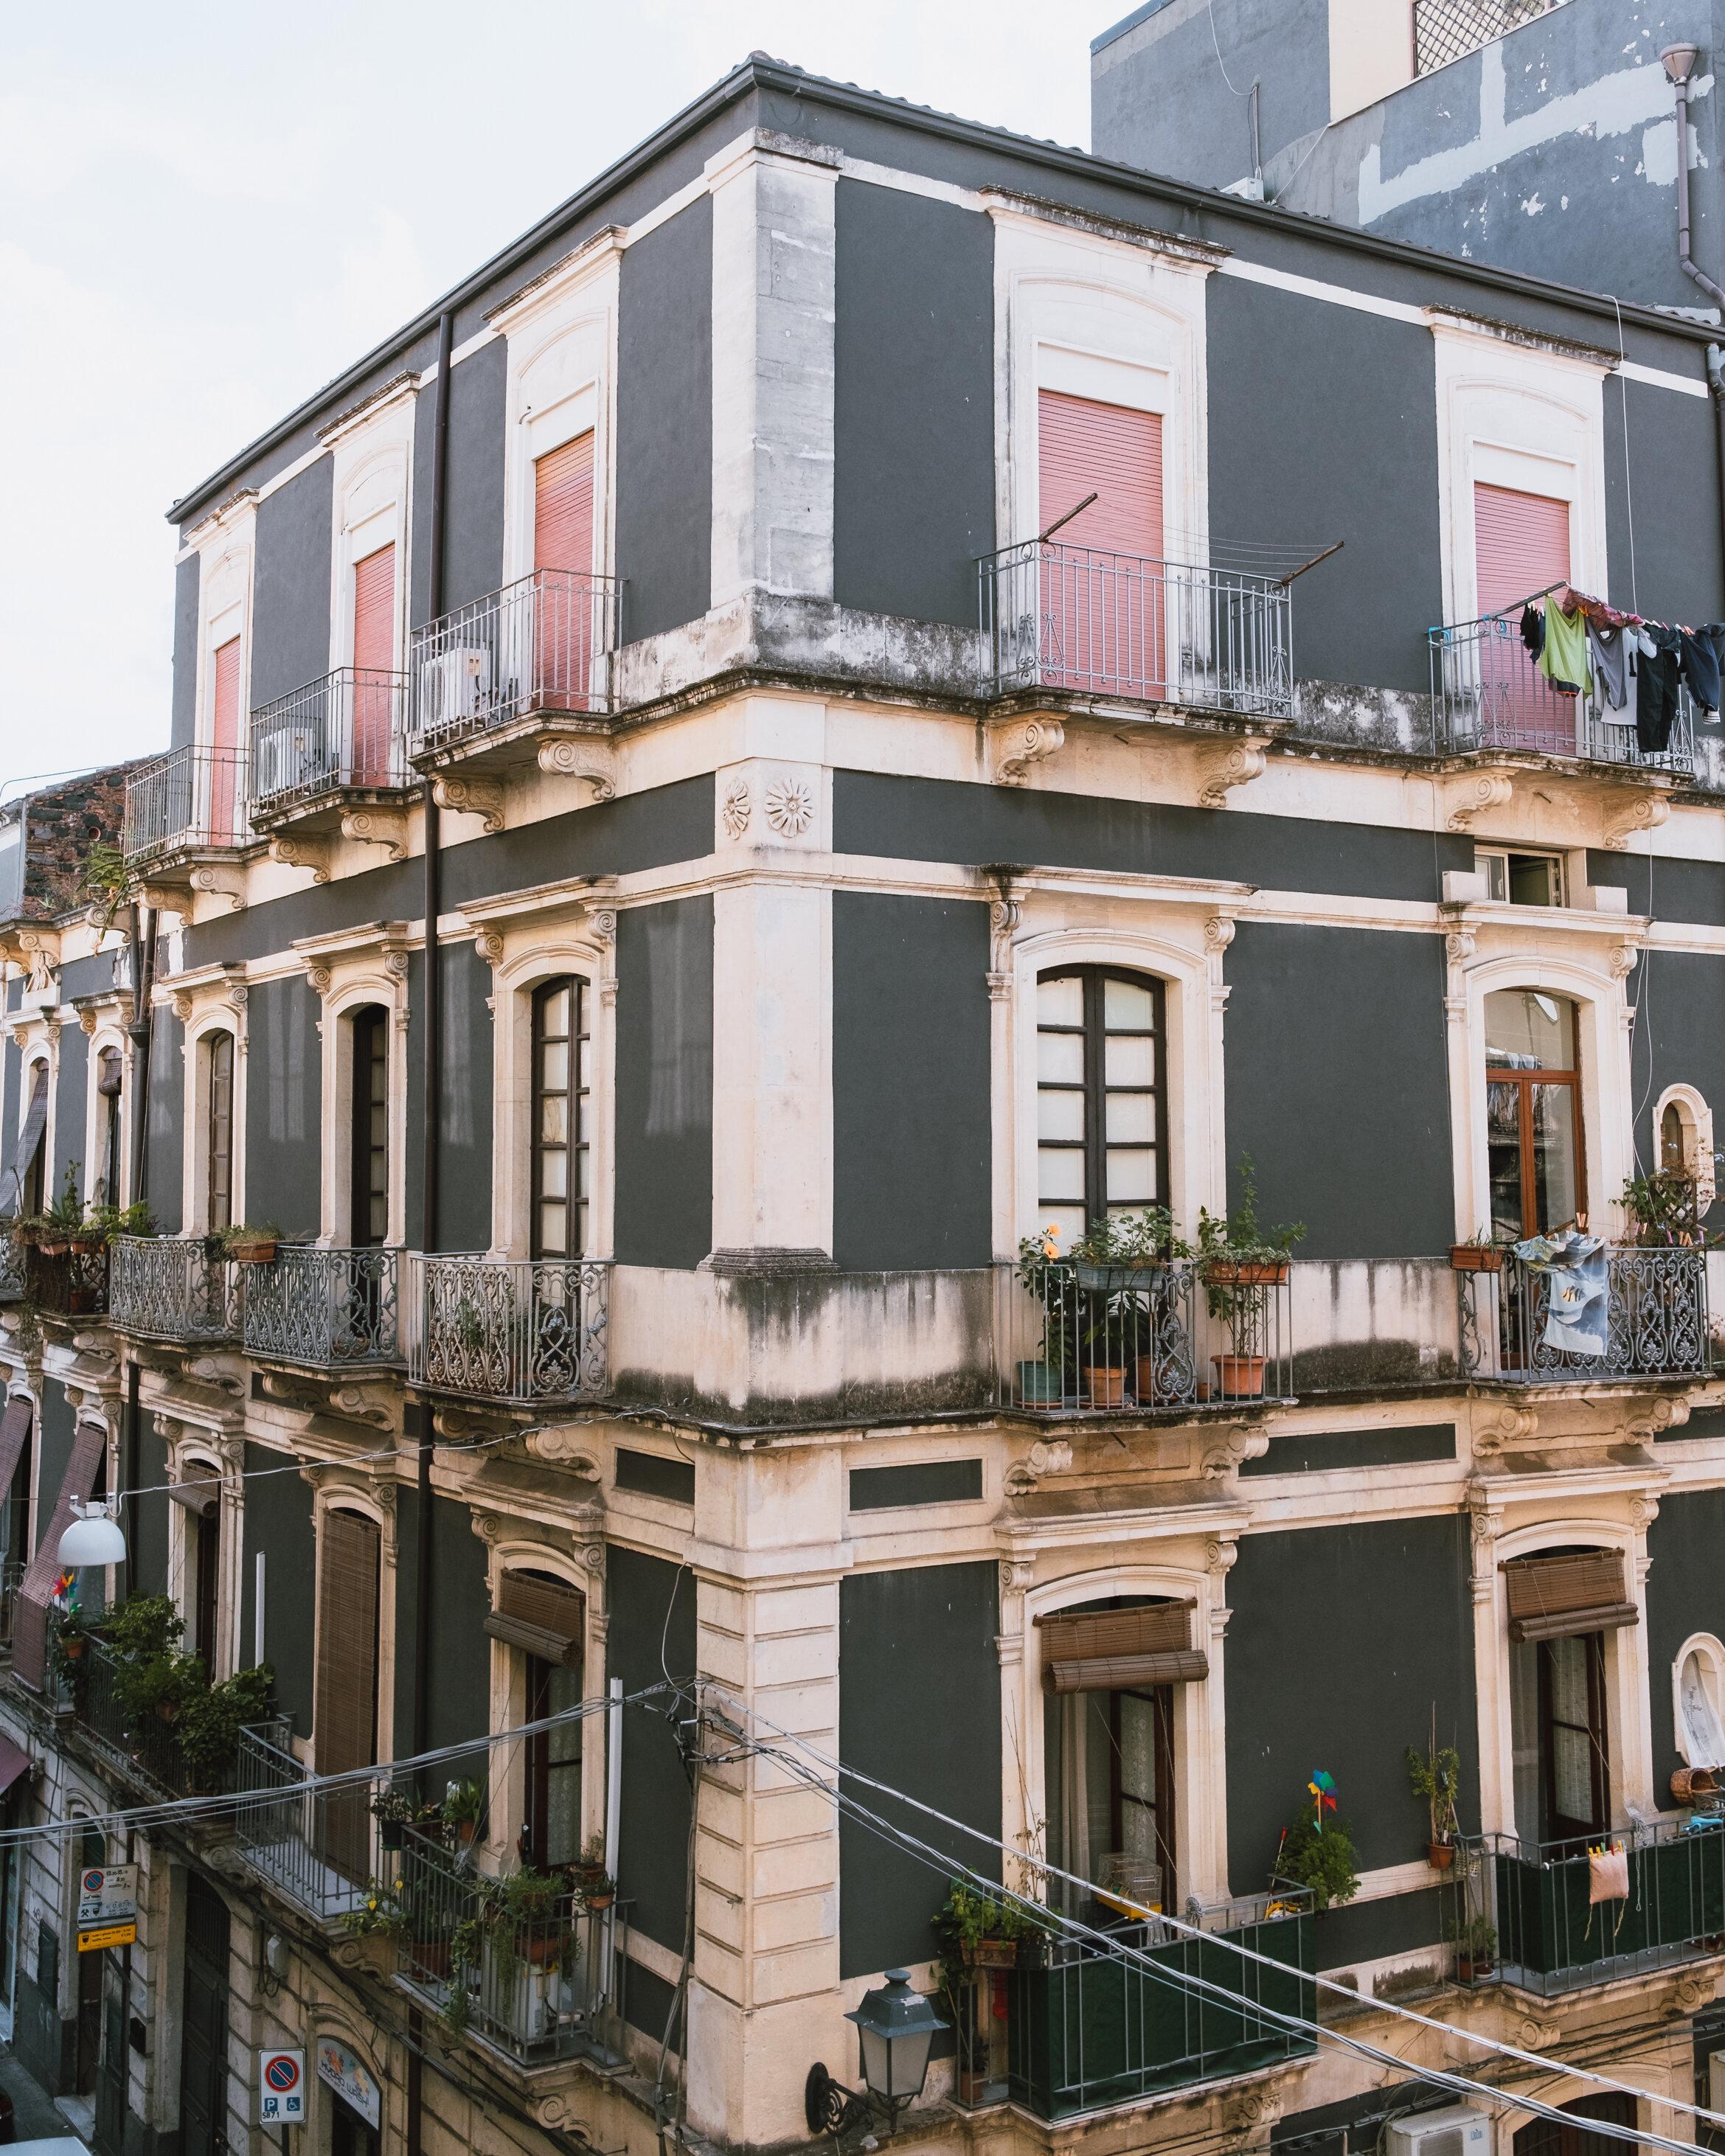 sicilien+italien+reseblogg